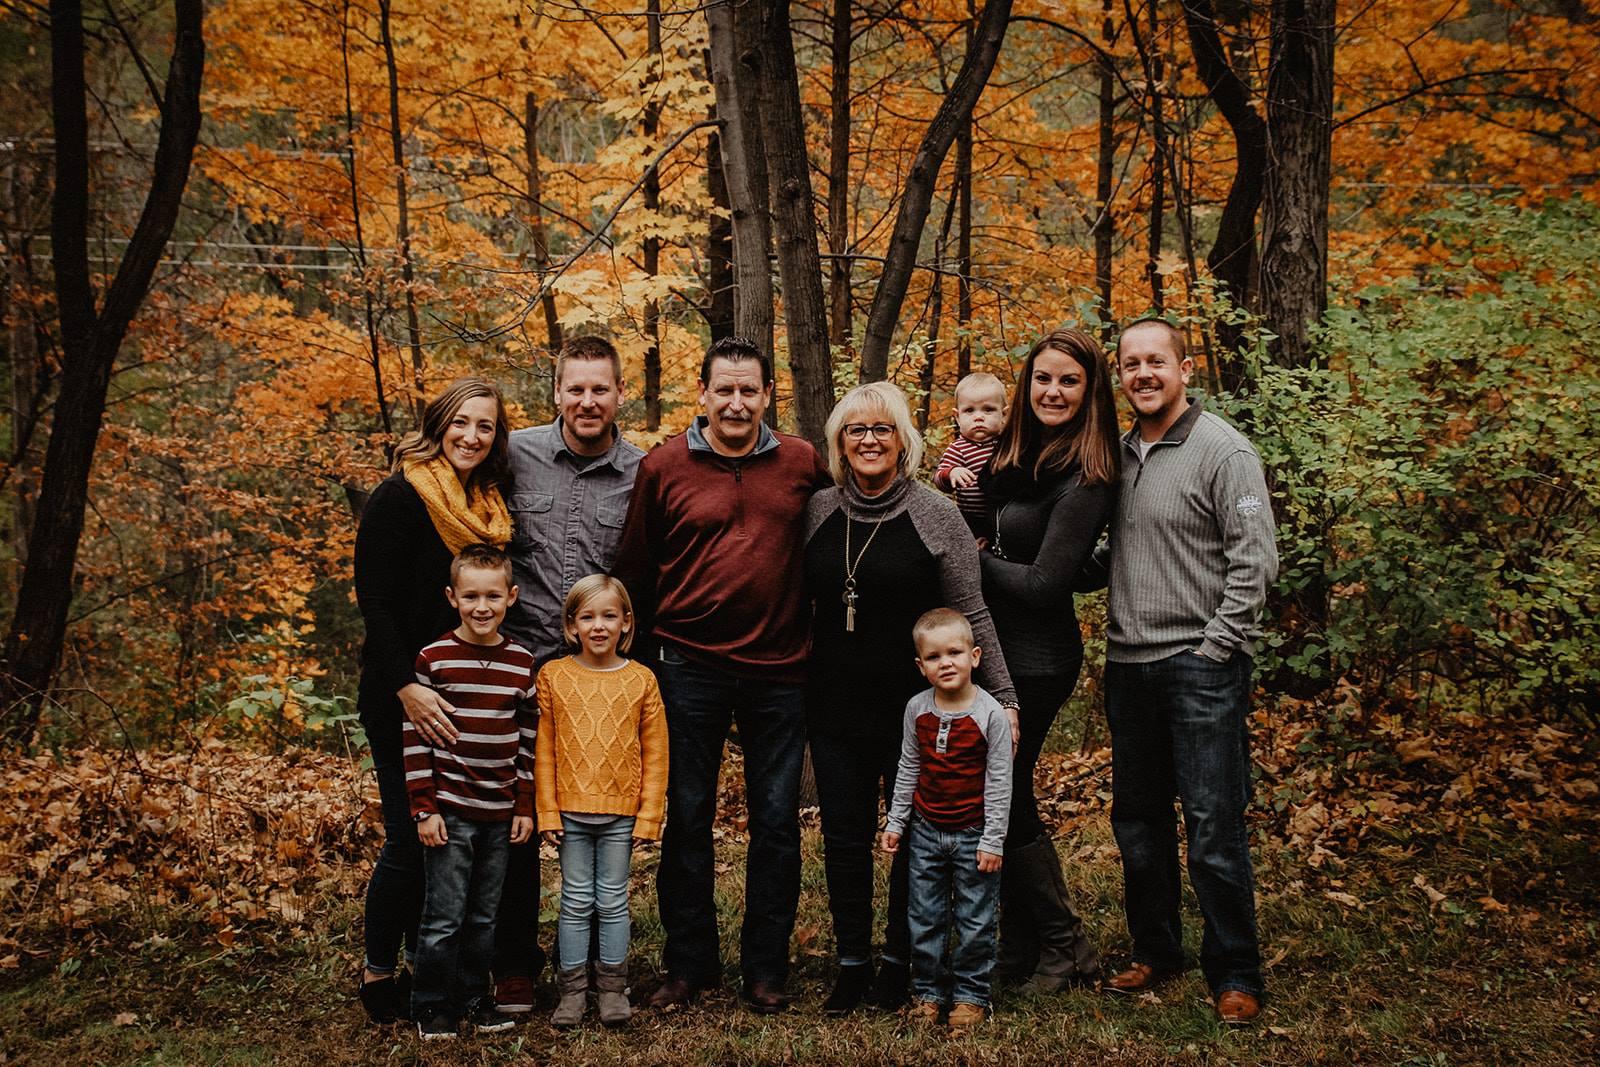 Klatt Family